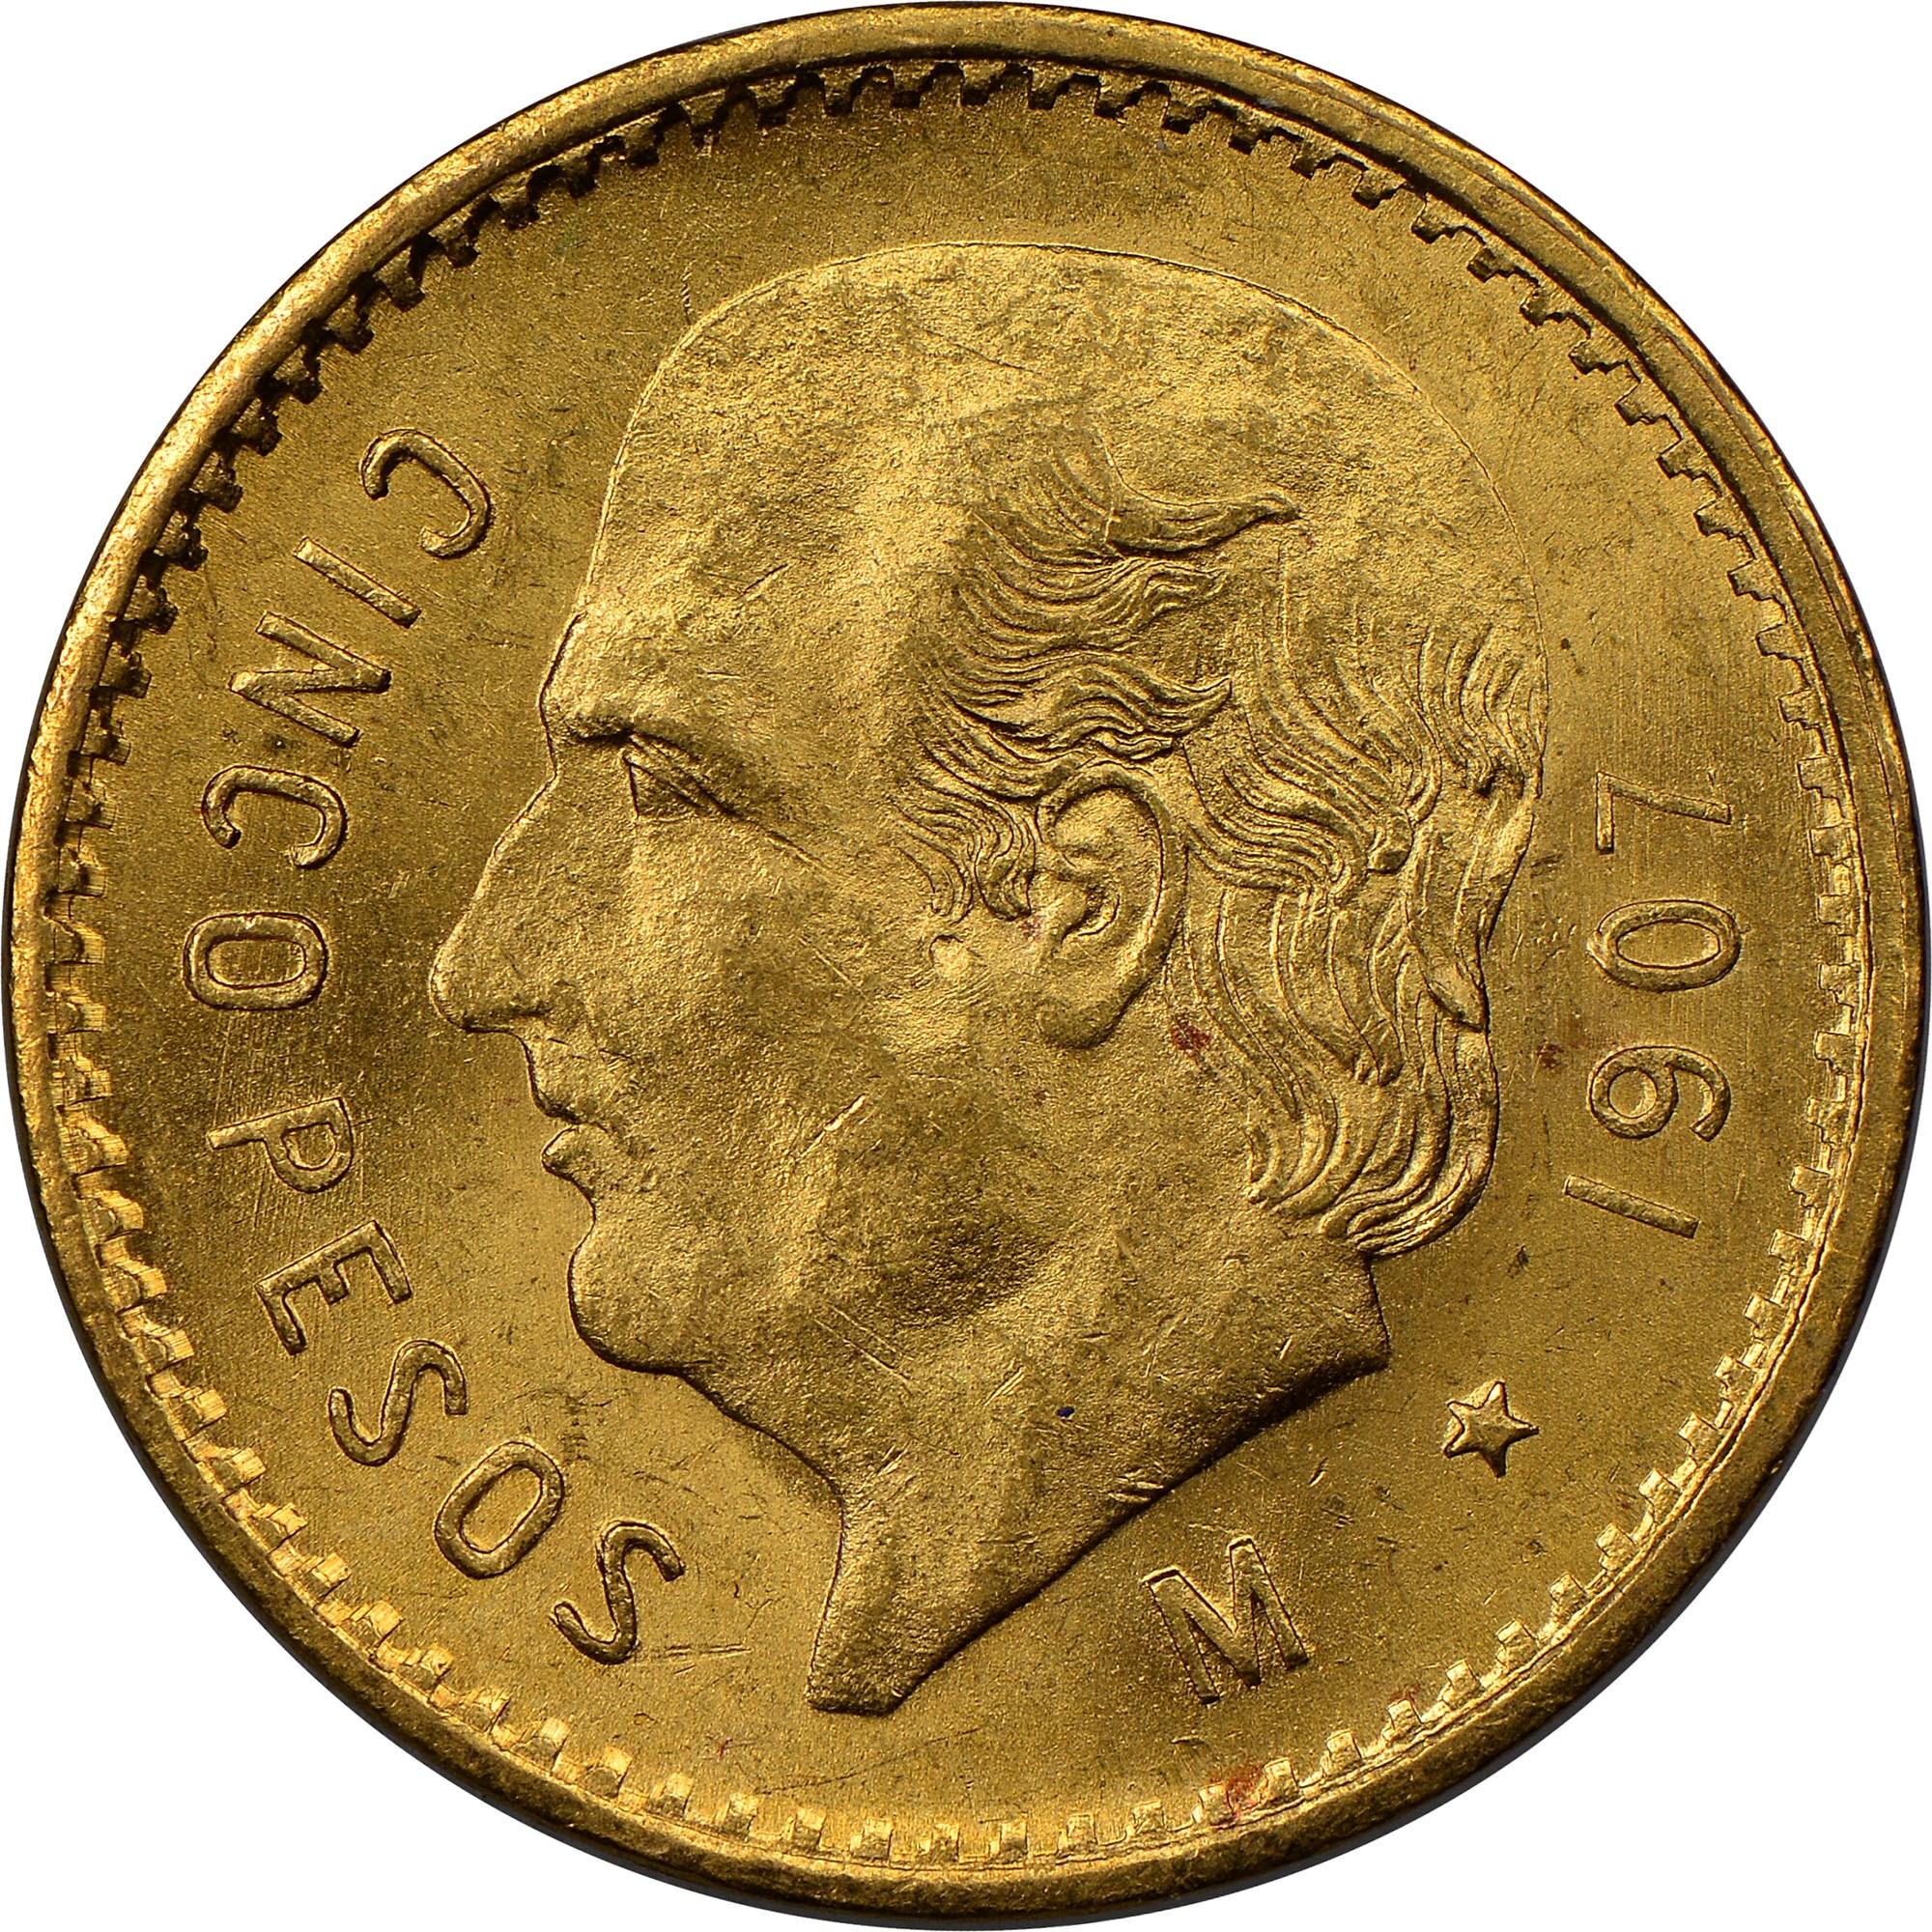 mexico estados unidos mexicanos 5 pesos km 464 prices values ngc rh ngccoin com Silver Eagle Coin Price Guide World Coin Price Guide